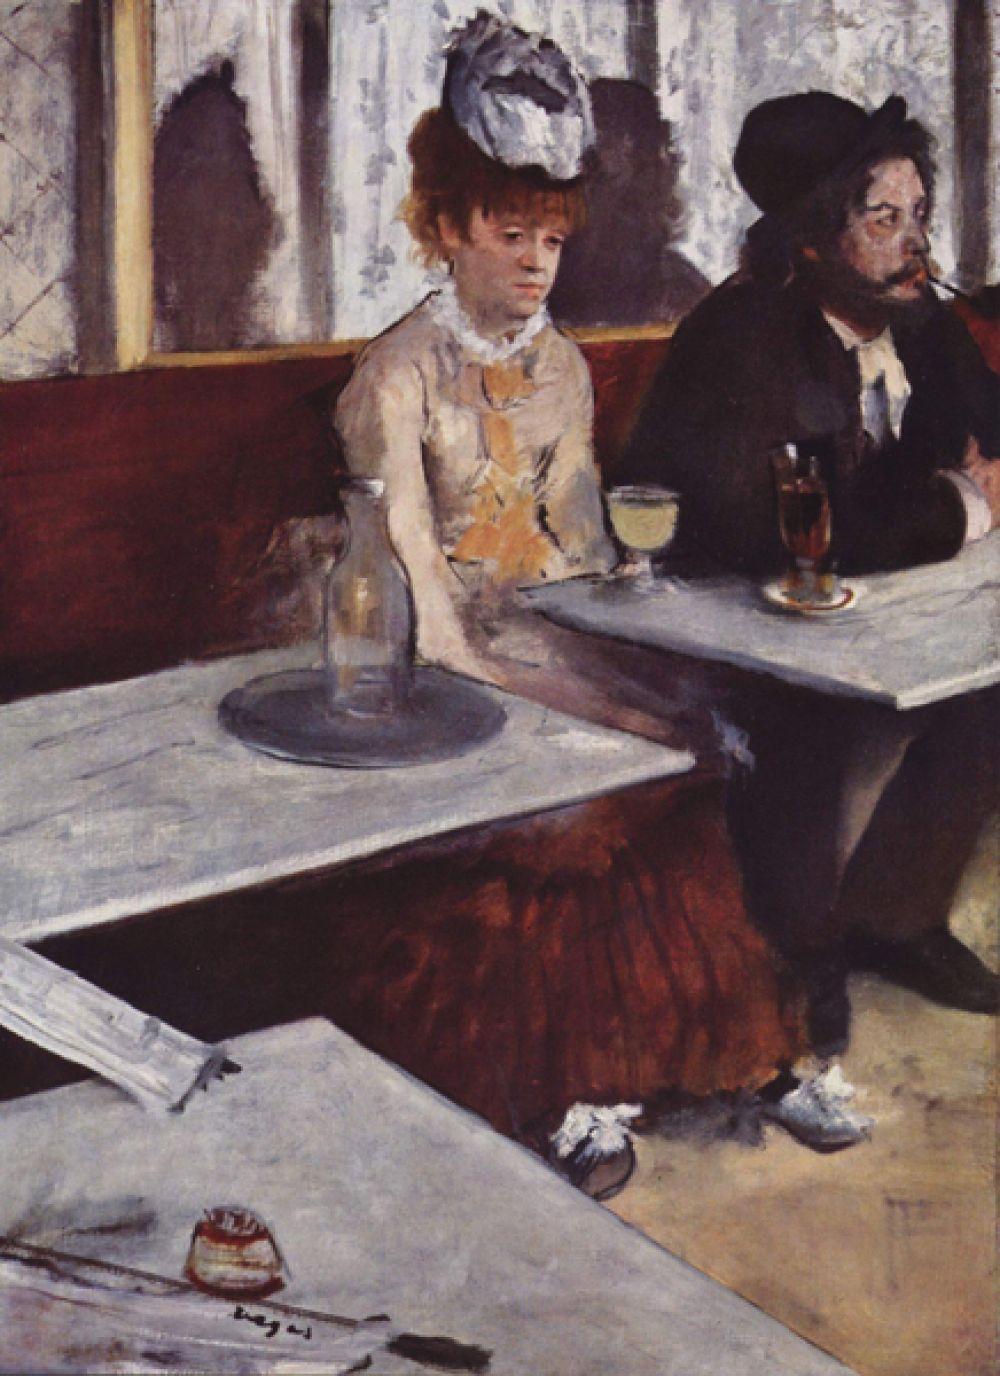 Абсент. 1876 год. На этой картине Дега изобразил художника Марселена Дебутена и звезду кабаре Эллен Андре за столиком в кафе. Актриса была известна своим элегантным стилем одежды, однако, художник изобразил ее как простую женщину со своими пороками. Из-за этого картина была негативно оценена критиками, посчитавшими ее отвратительной, после чего она долгое время не демонстрировалась.